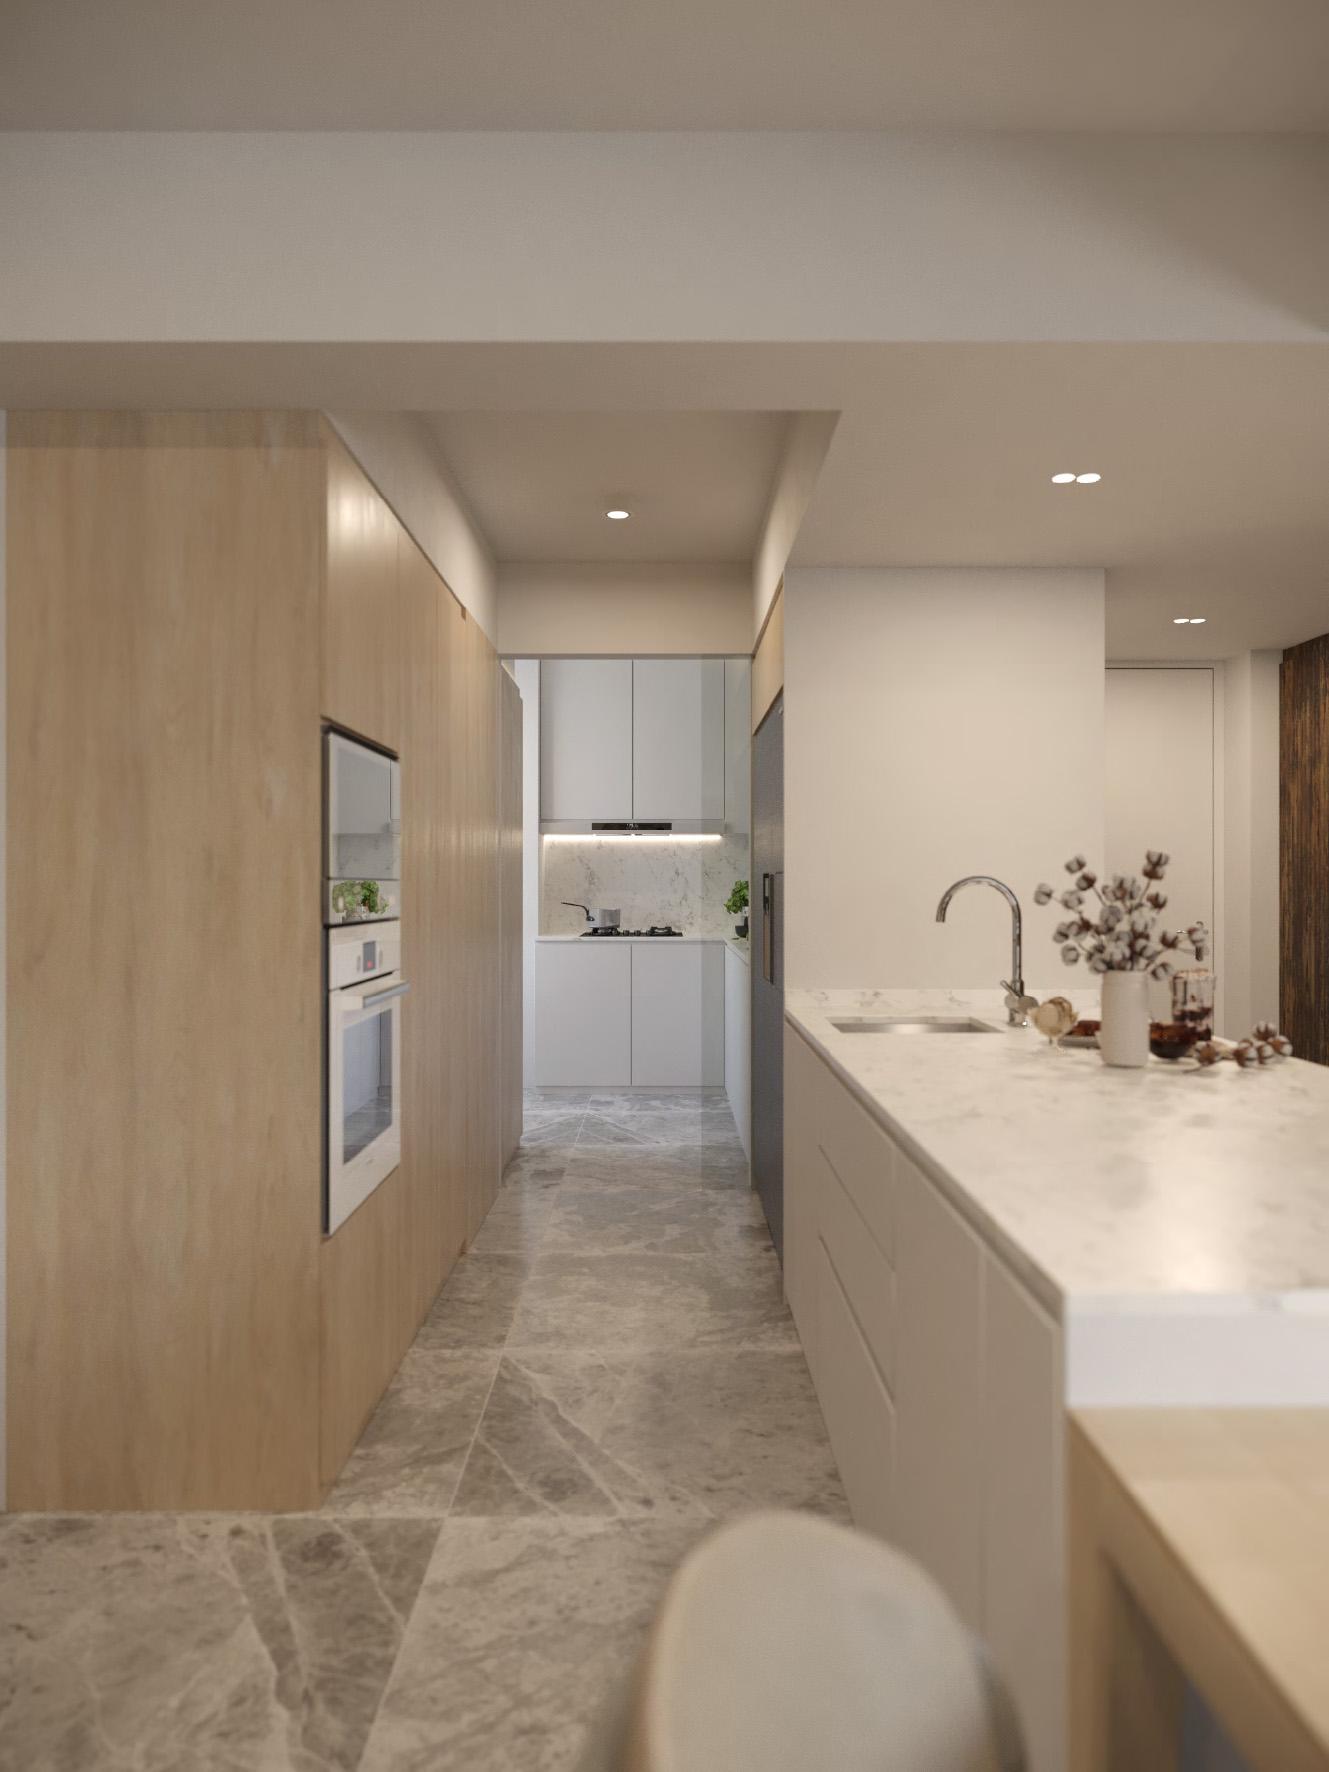 06 Dry & Wet Kitchen